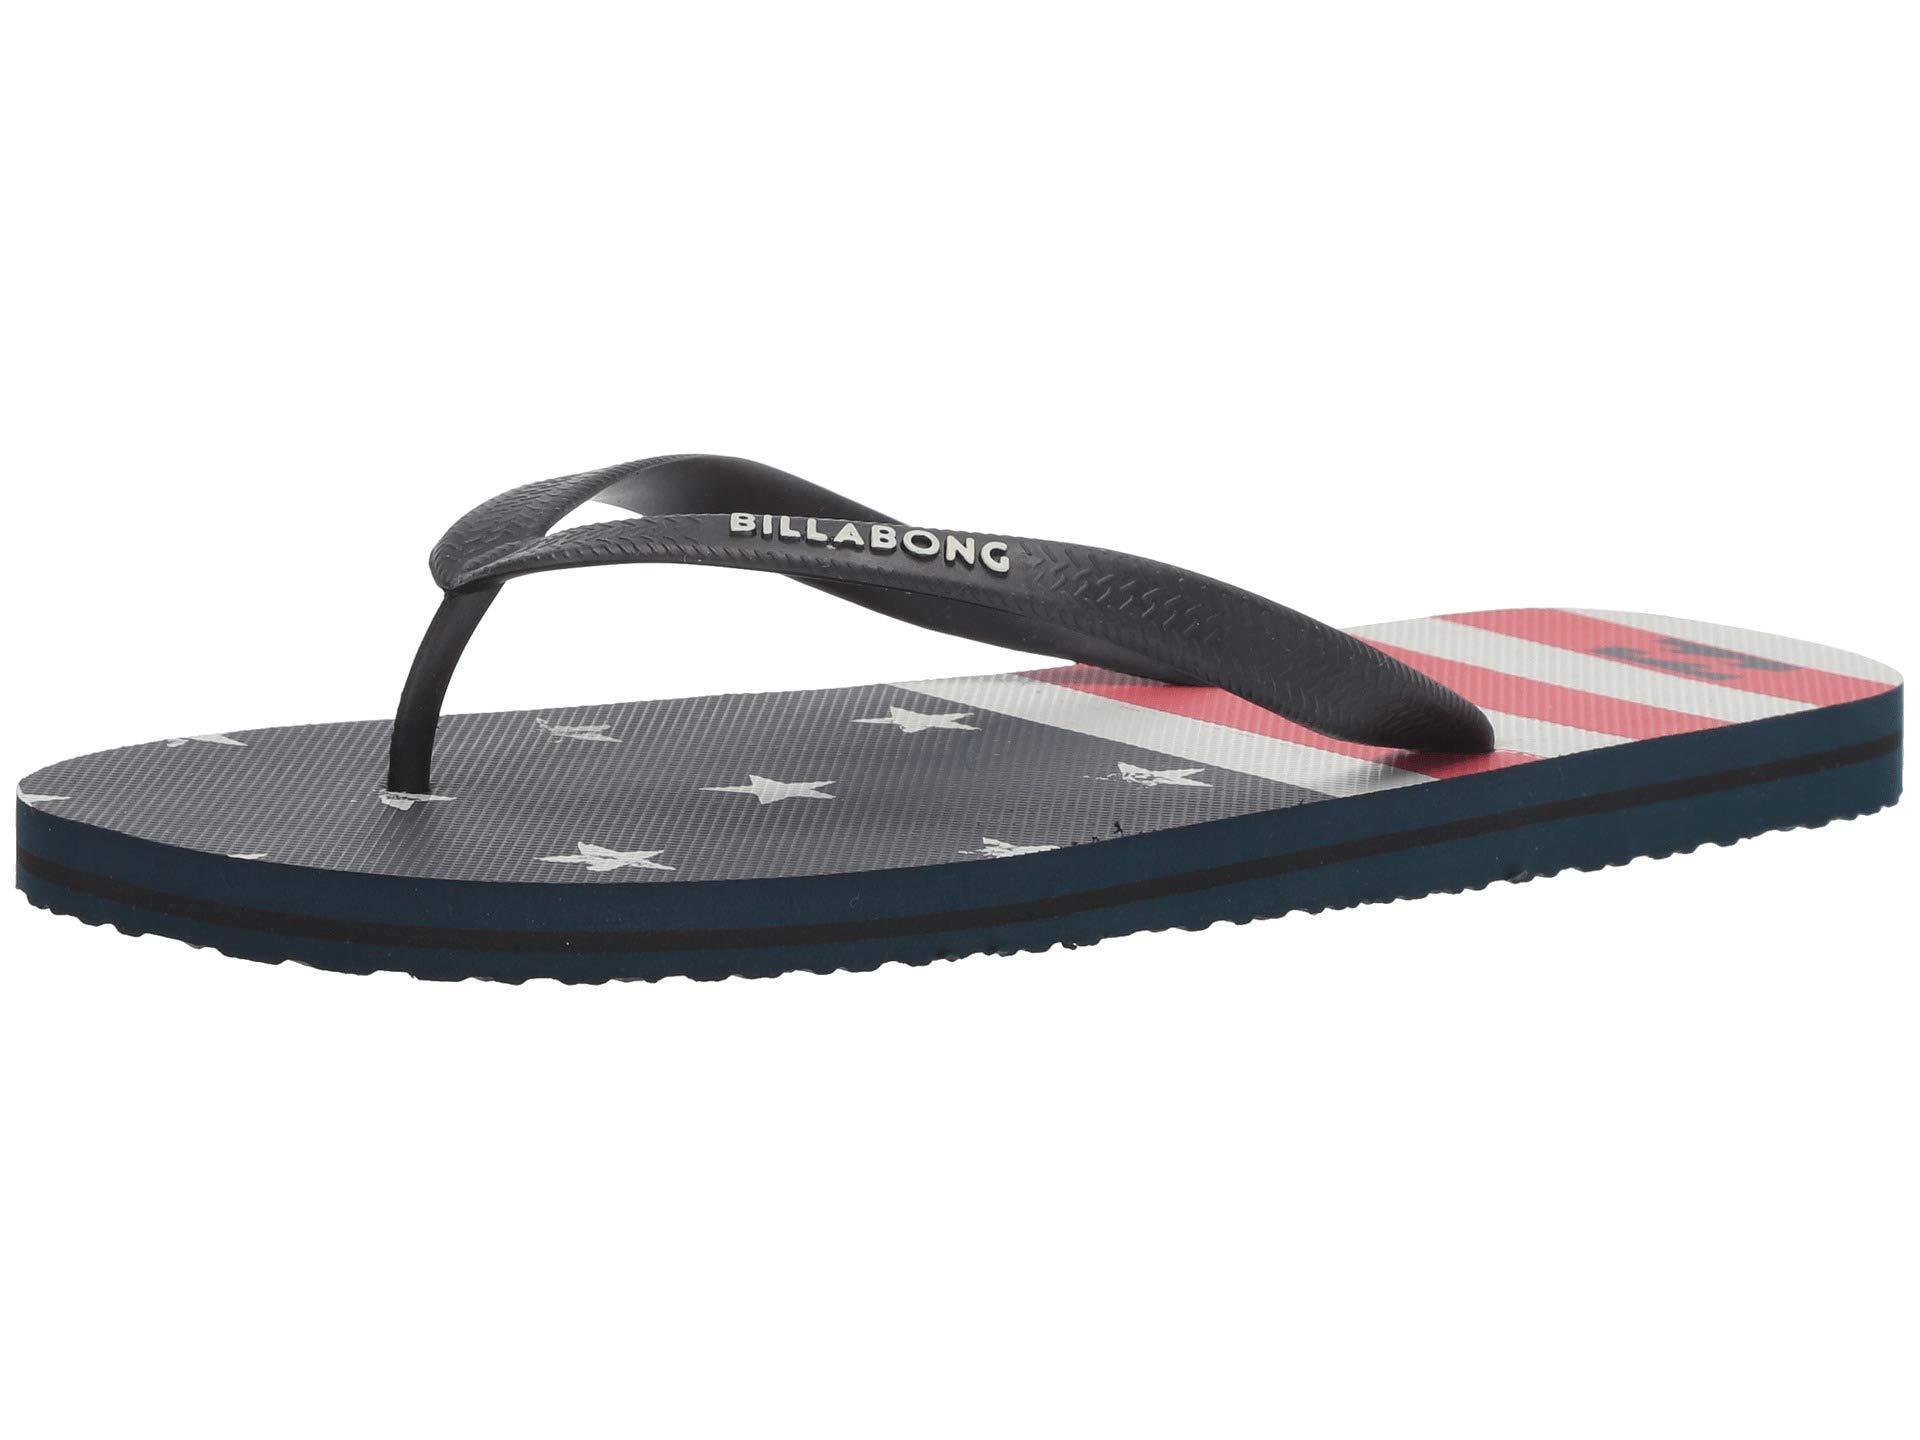 9aab09494 Lyst - Billabong Tides (red white) Men s Sandals in Blue for Men